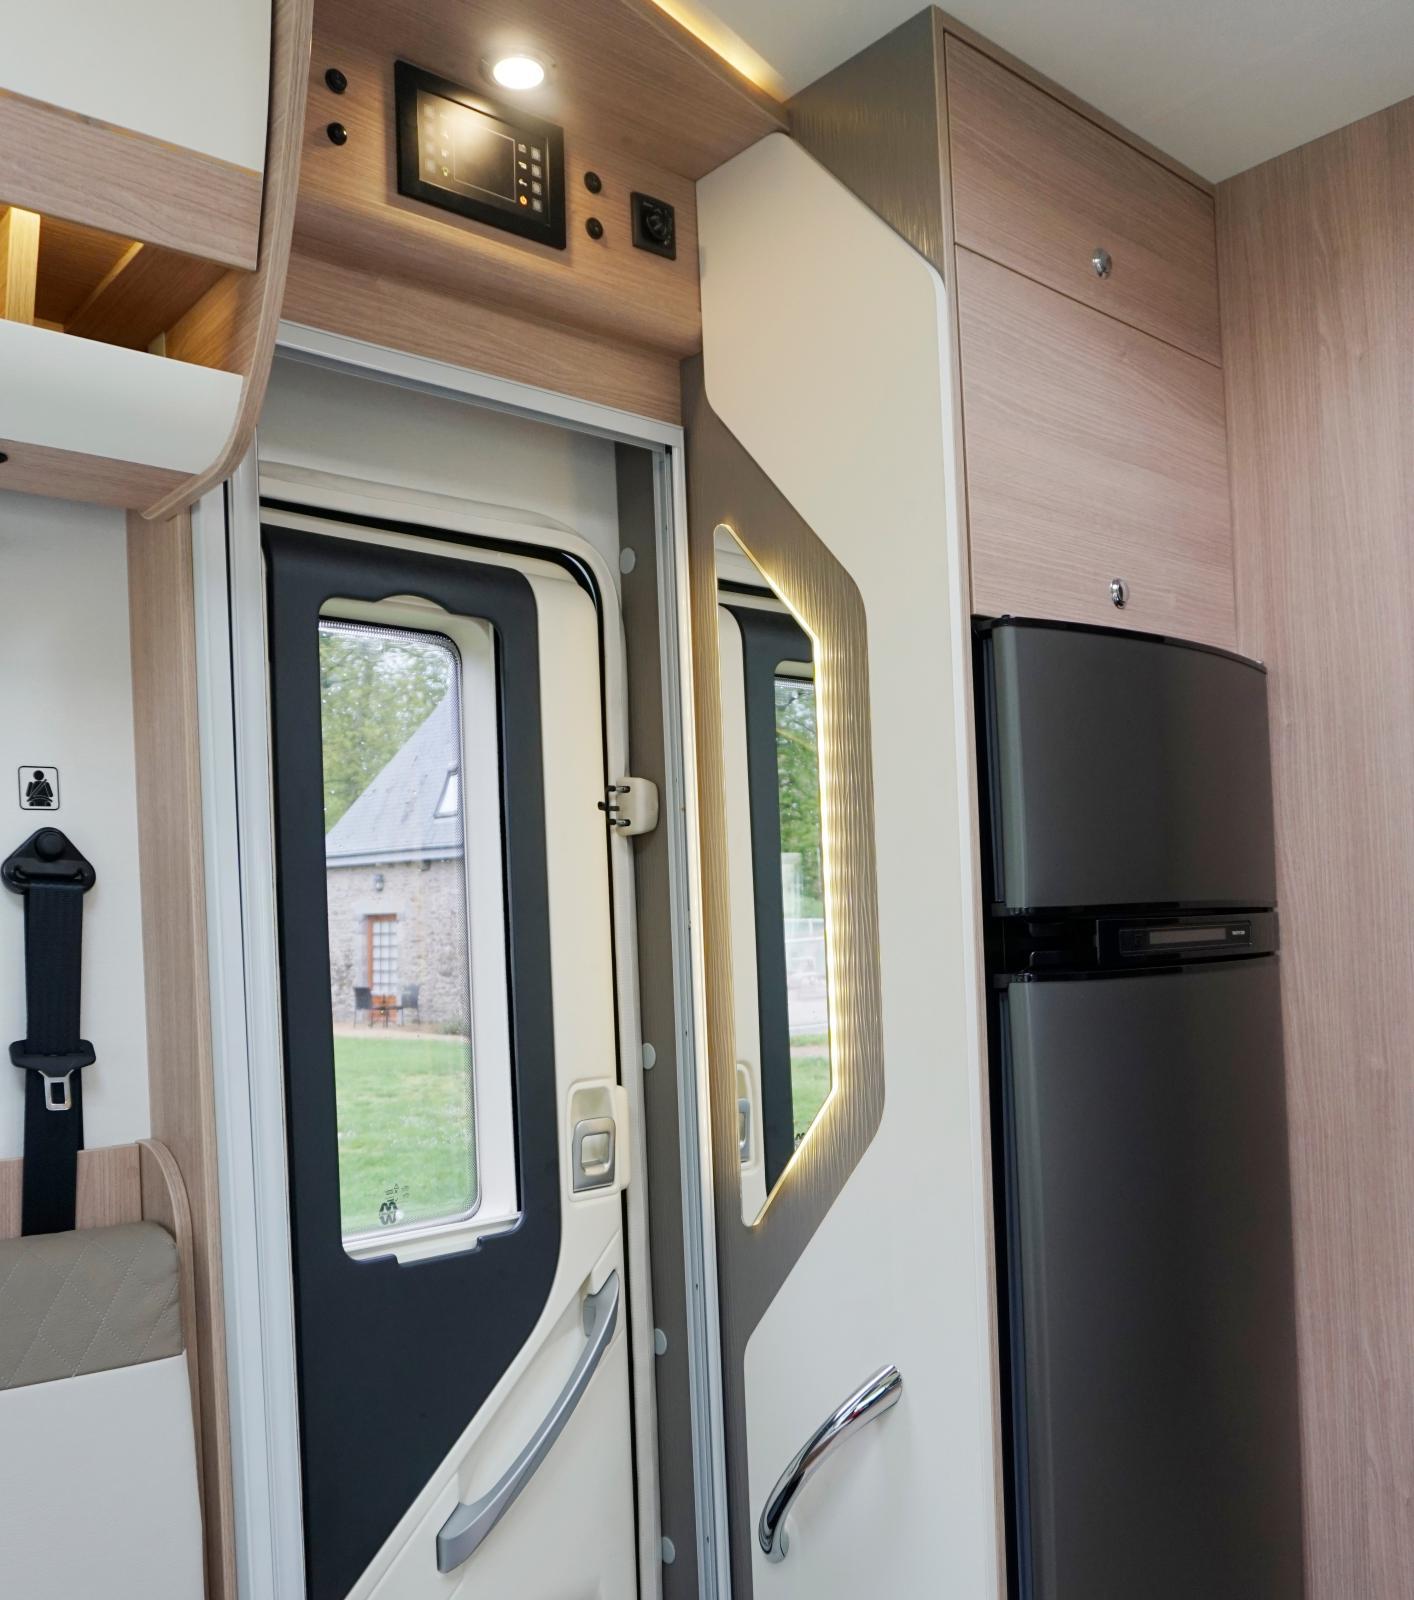 I det lilla skåpet högst upp finns ett tv-stativ och i skåpet under kan en microvågsugn placeras. Underst kyl och frys.